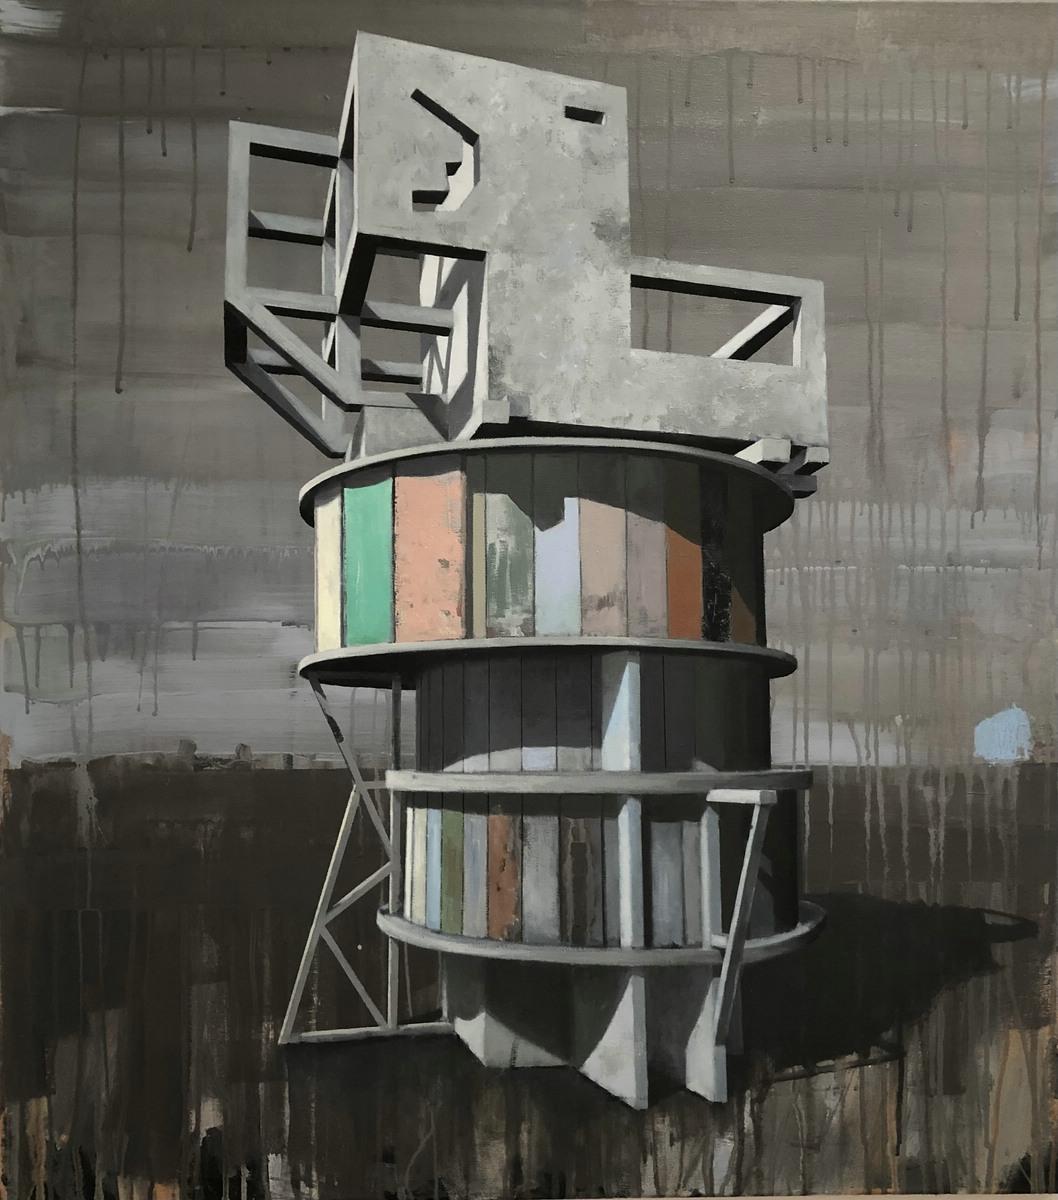 für immer allein - Ausstellung von Roland Boden, 2020 bei Rahmen und Kunst, Berlin